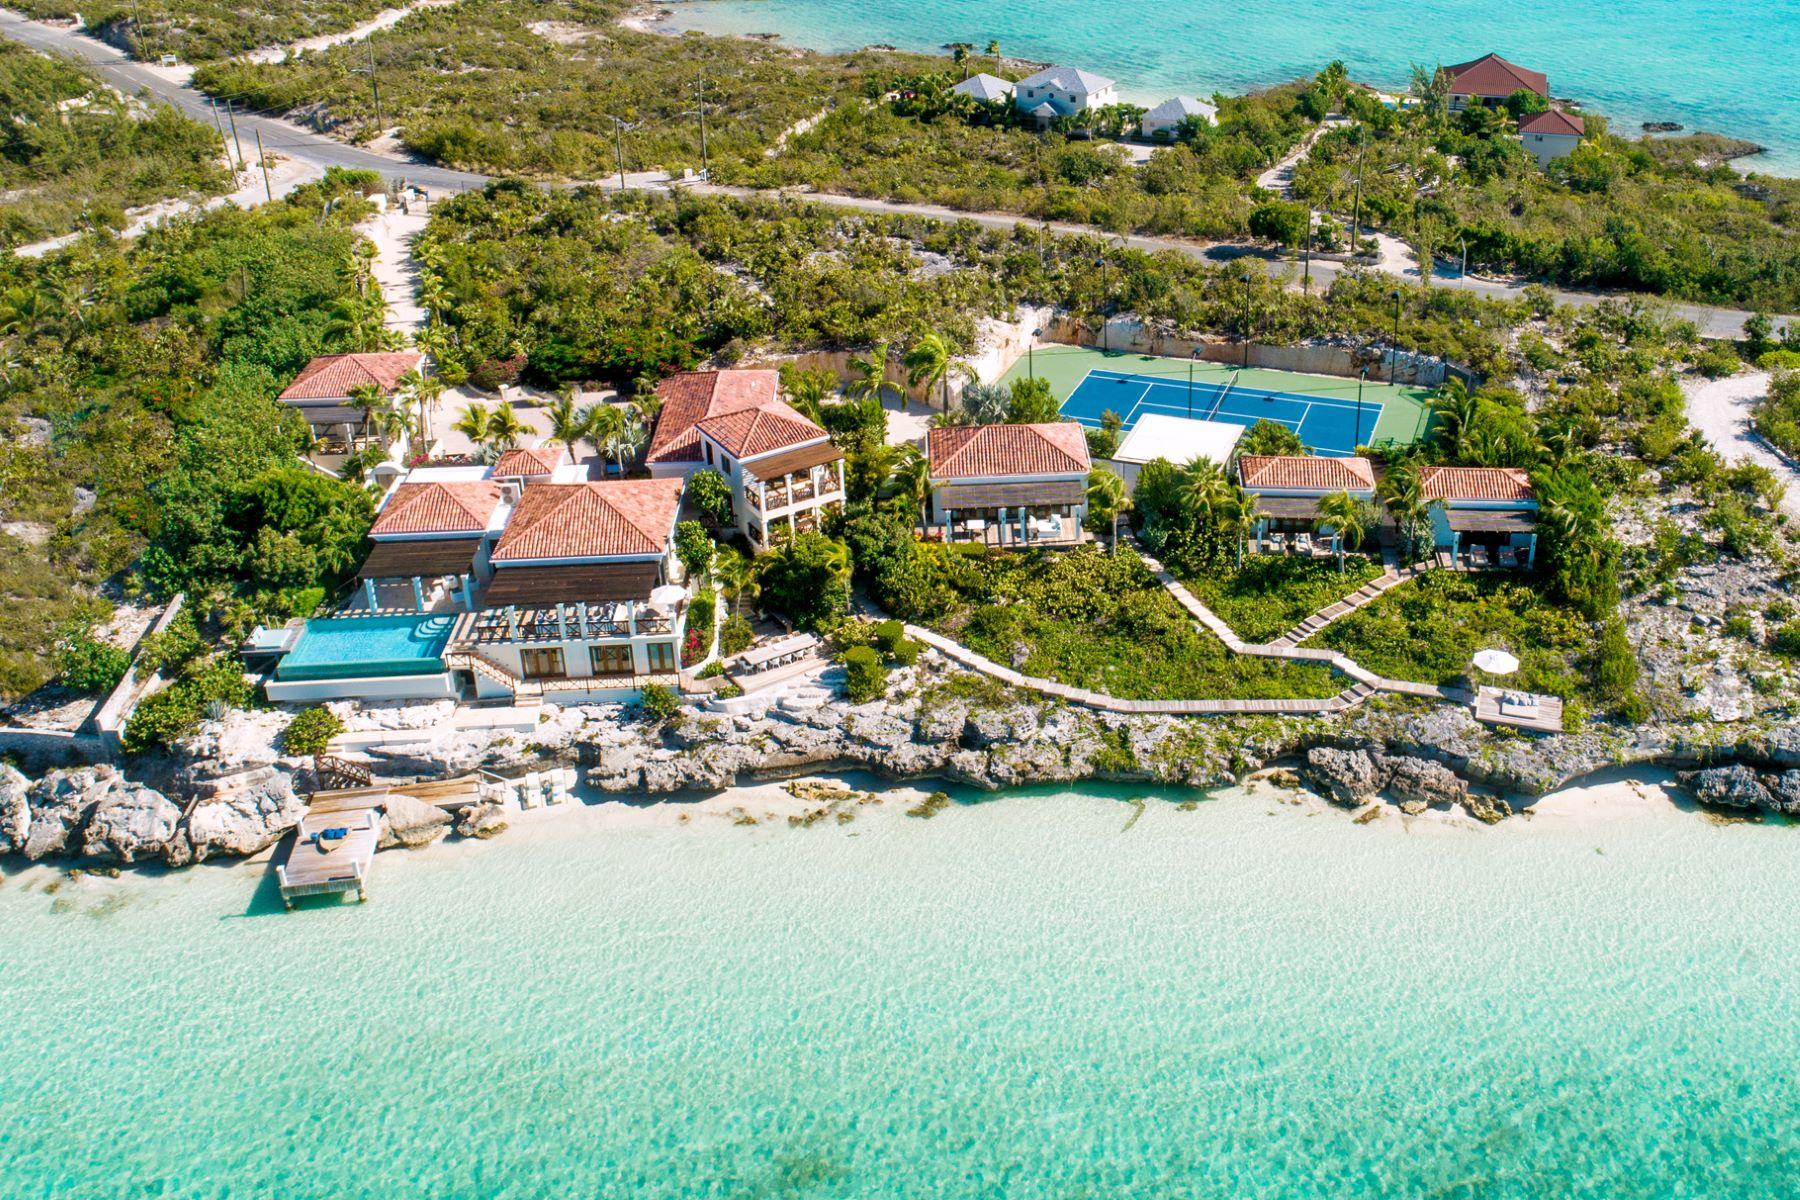 Single Family Home for Sale at Dream Big Villa 448 Chalk Sound Drive Sapodilla Bay, Providenciales TCI Turks And Caicos Islands